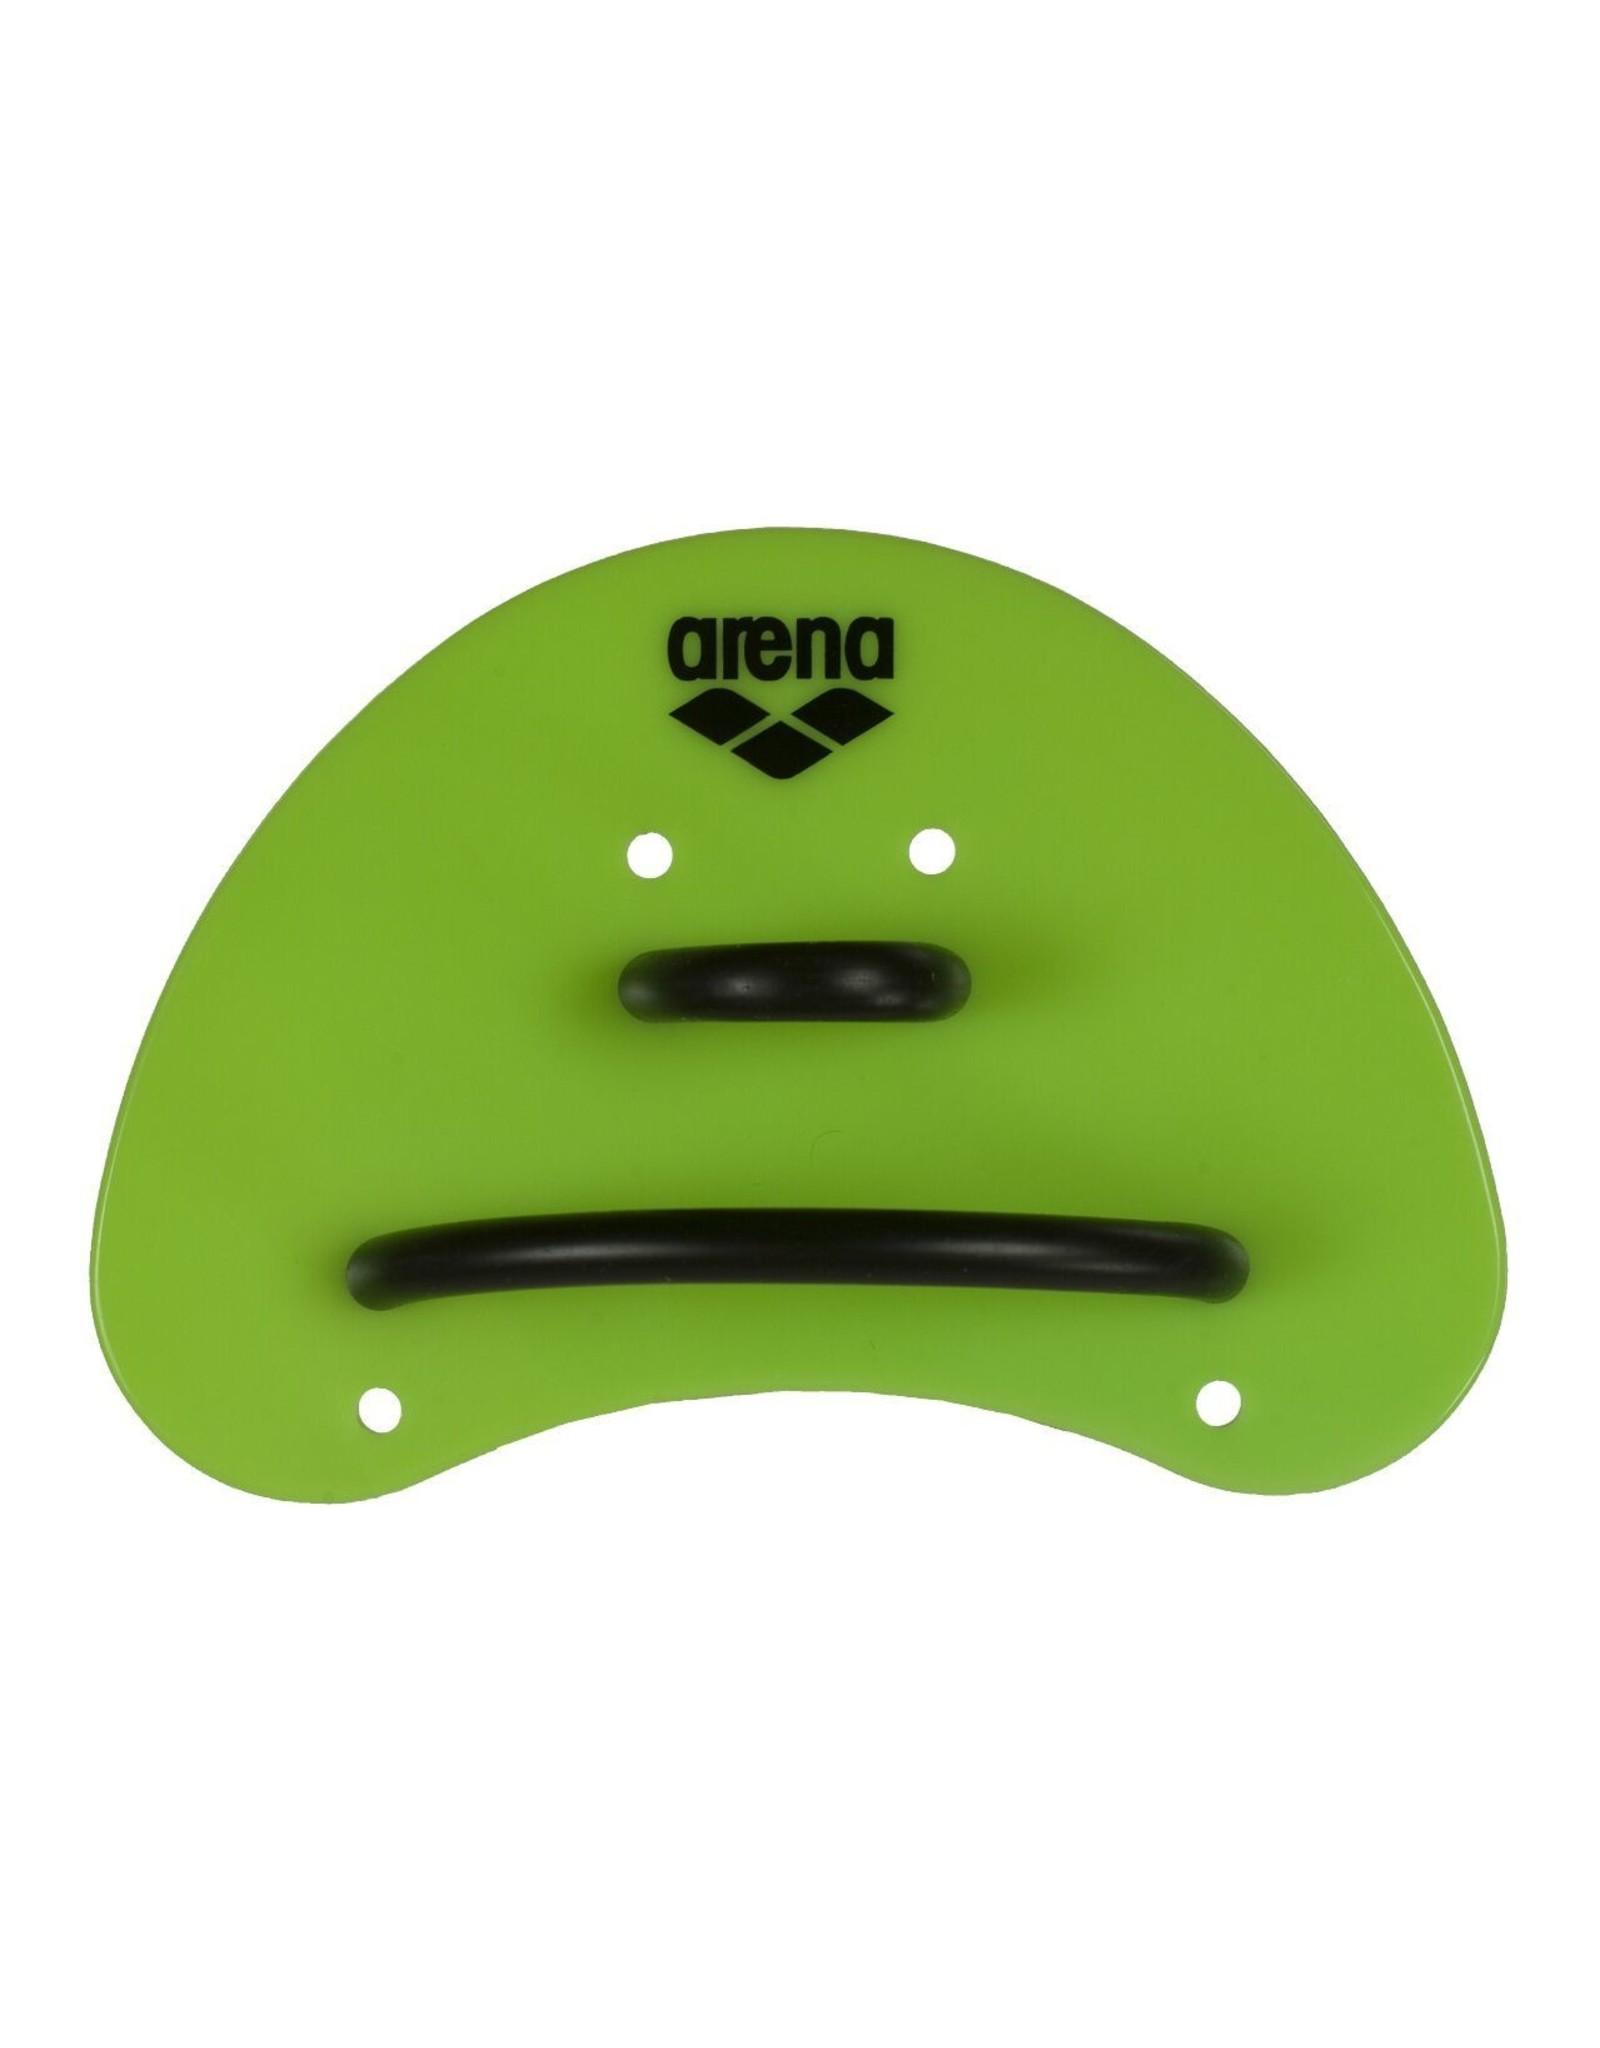 Arena Elite Finger Paddles - 95251